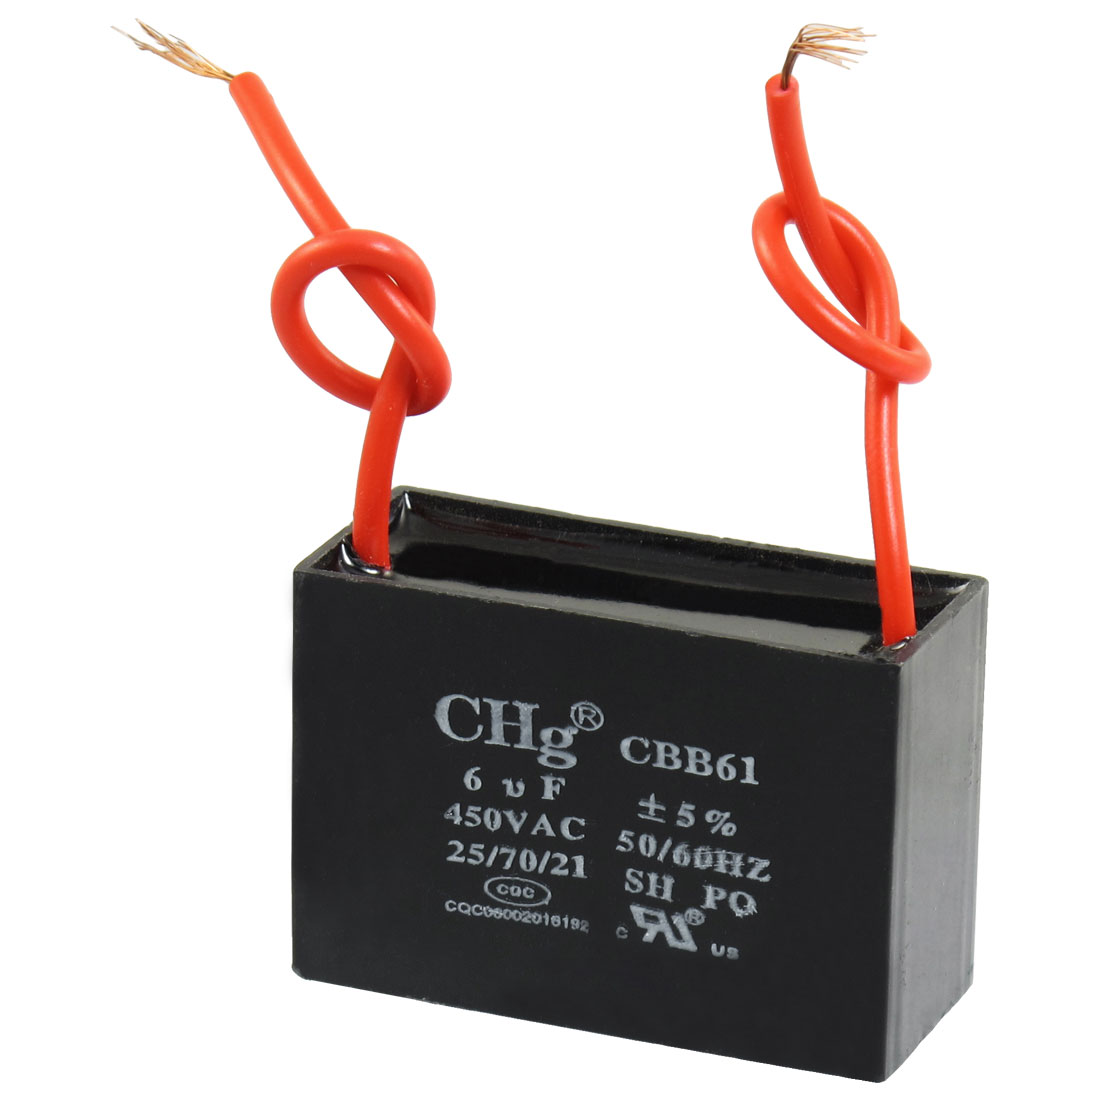 CBB61 6uF AC 450V Rectangle 2-Wire Non Polar Motor Run Capacitor